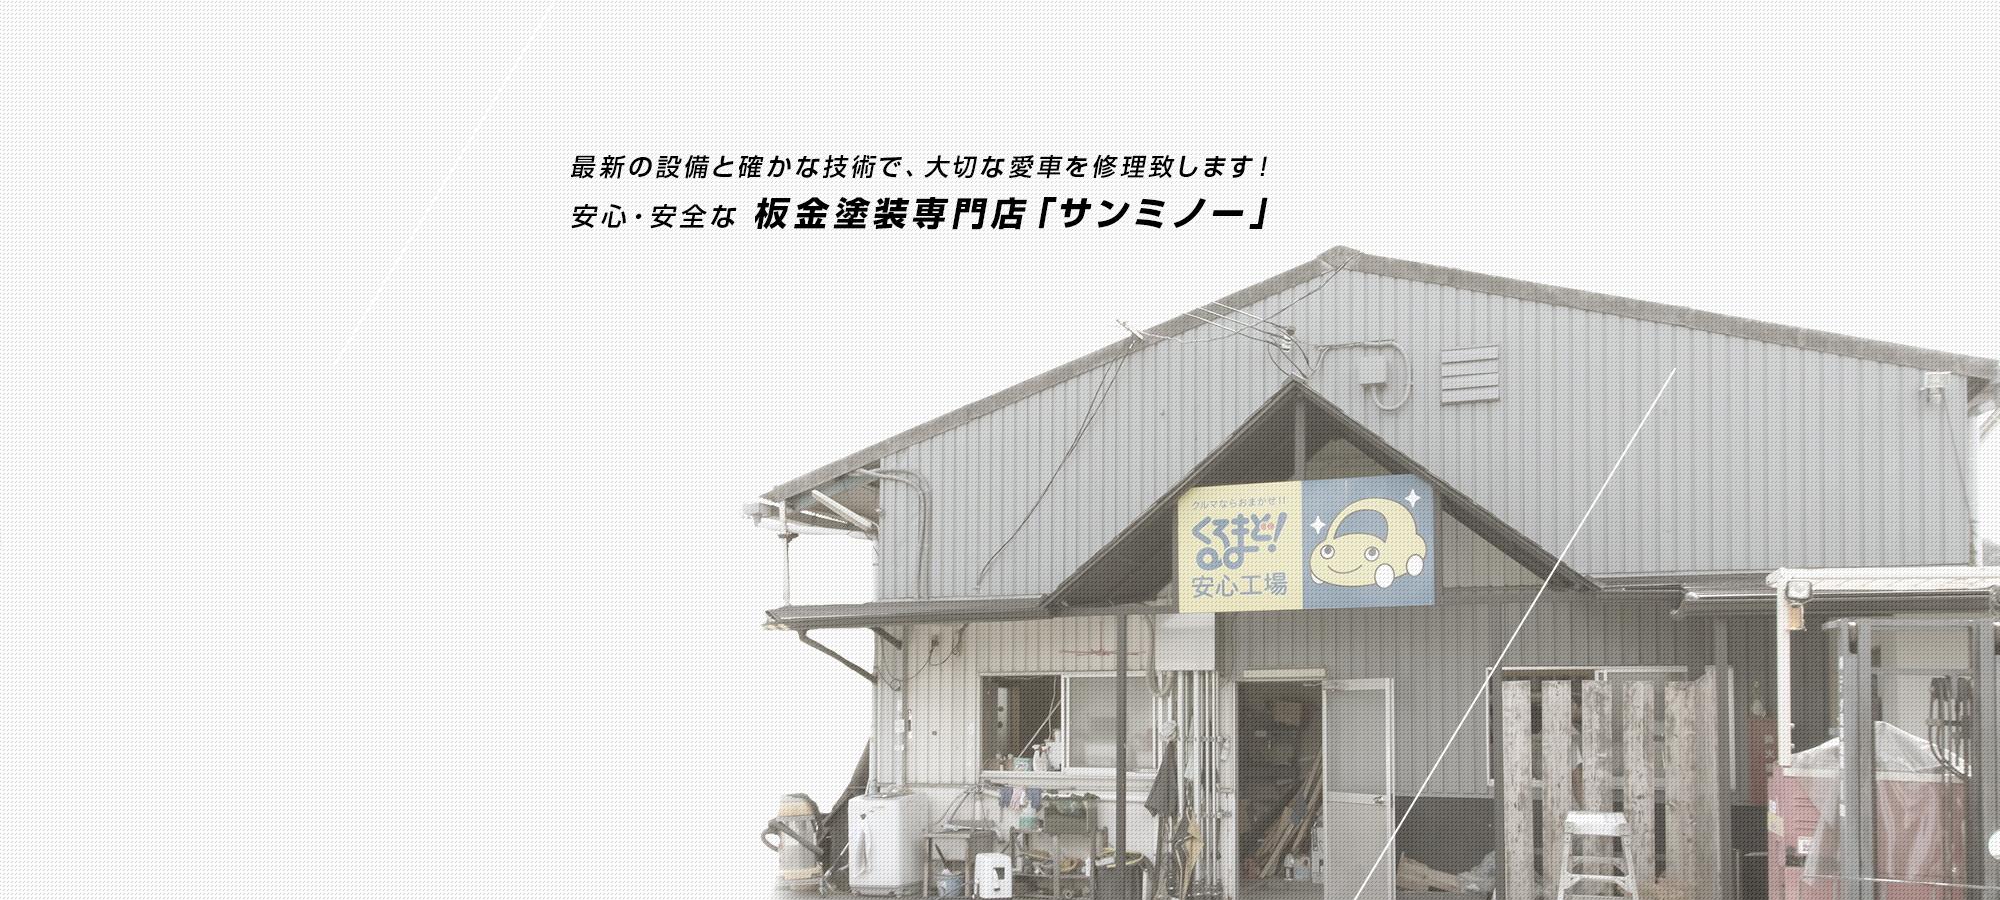 pc_slide_05